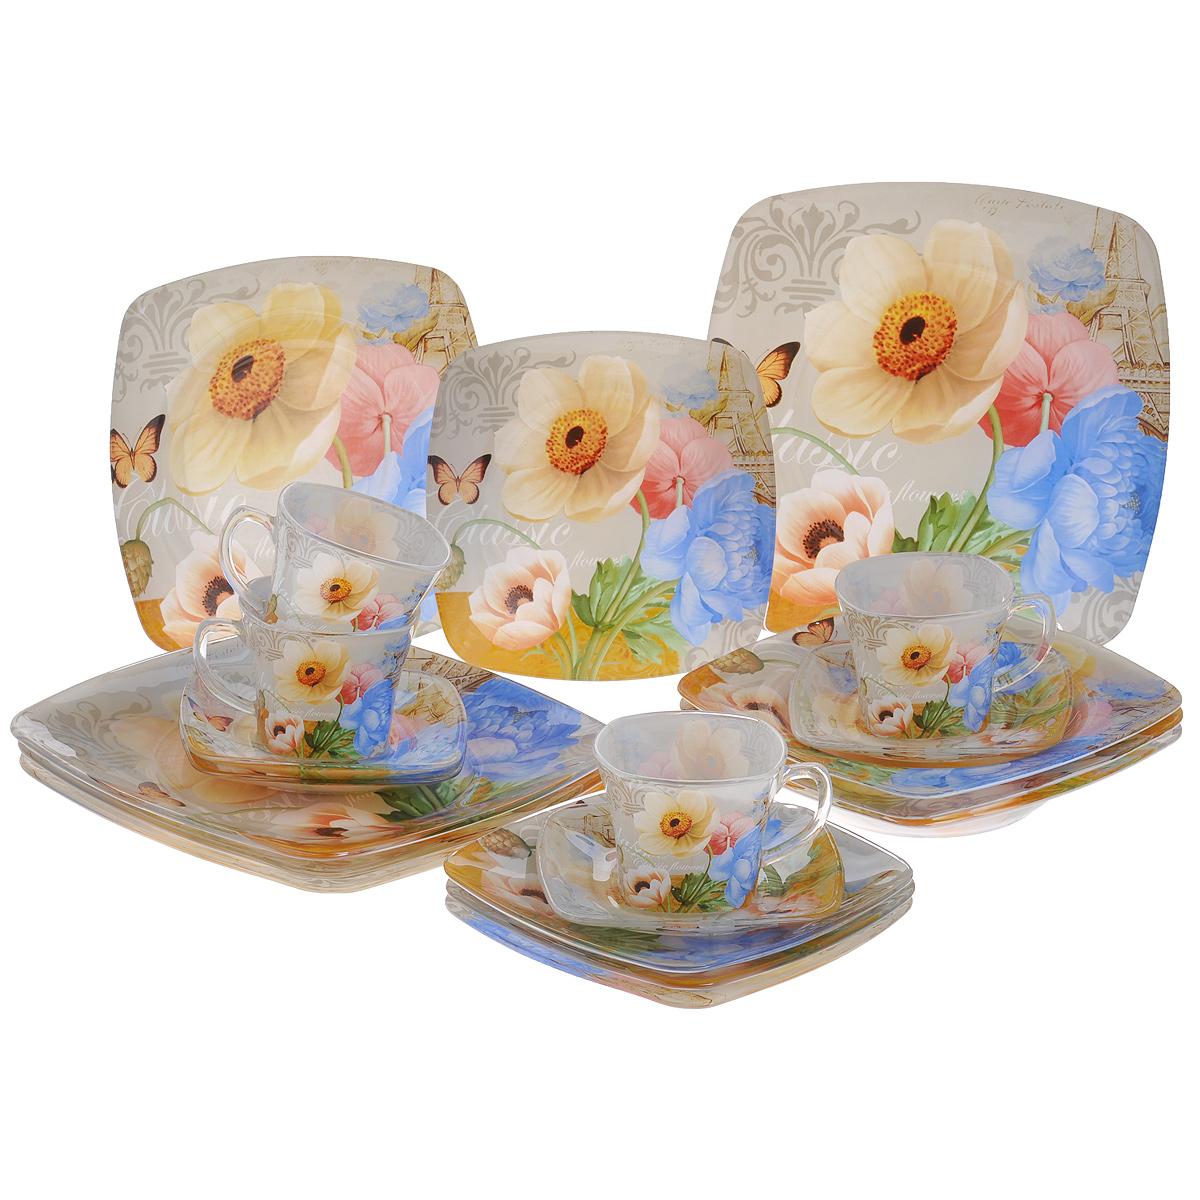 Набор посуды Цветы, 20 предметов11606-20Набор посуды состоит из 4 чашек, 4 блюдец, 4 тарелок для супа, 4 обеденных тарелок, 4 десертных тарелок. Изделия выполнены из высококачественного стекла и оформлены изображением цветов. Этот набор эффектно украсит стол к обеду, а также прекрасно подойдет для торжественных случаев. Красочность оформления придется по вкусу и ценителям классики, и тем, кто предпочитает утонченность и изящность. Набор можно мыть в посудомоечной машине.